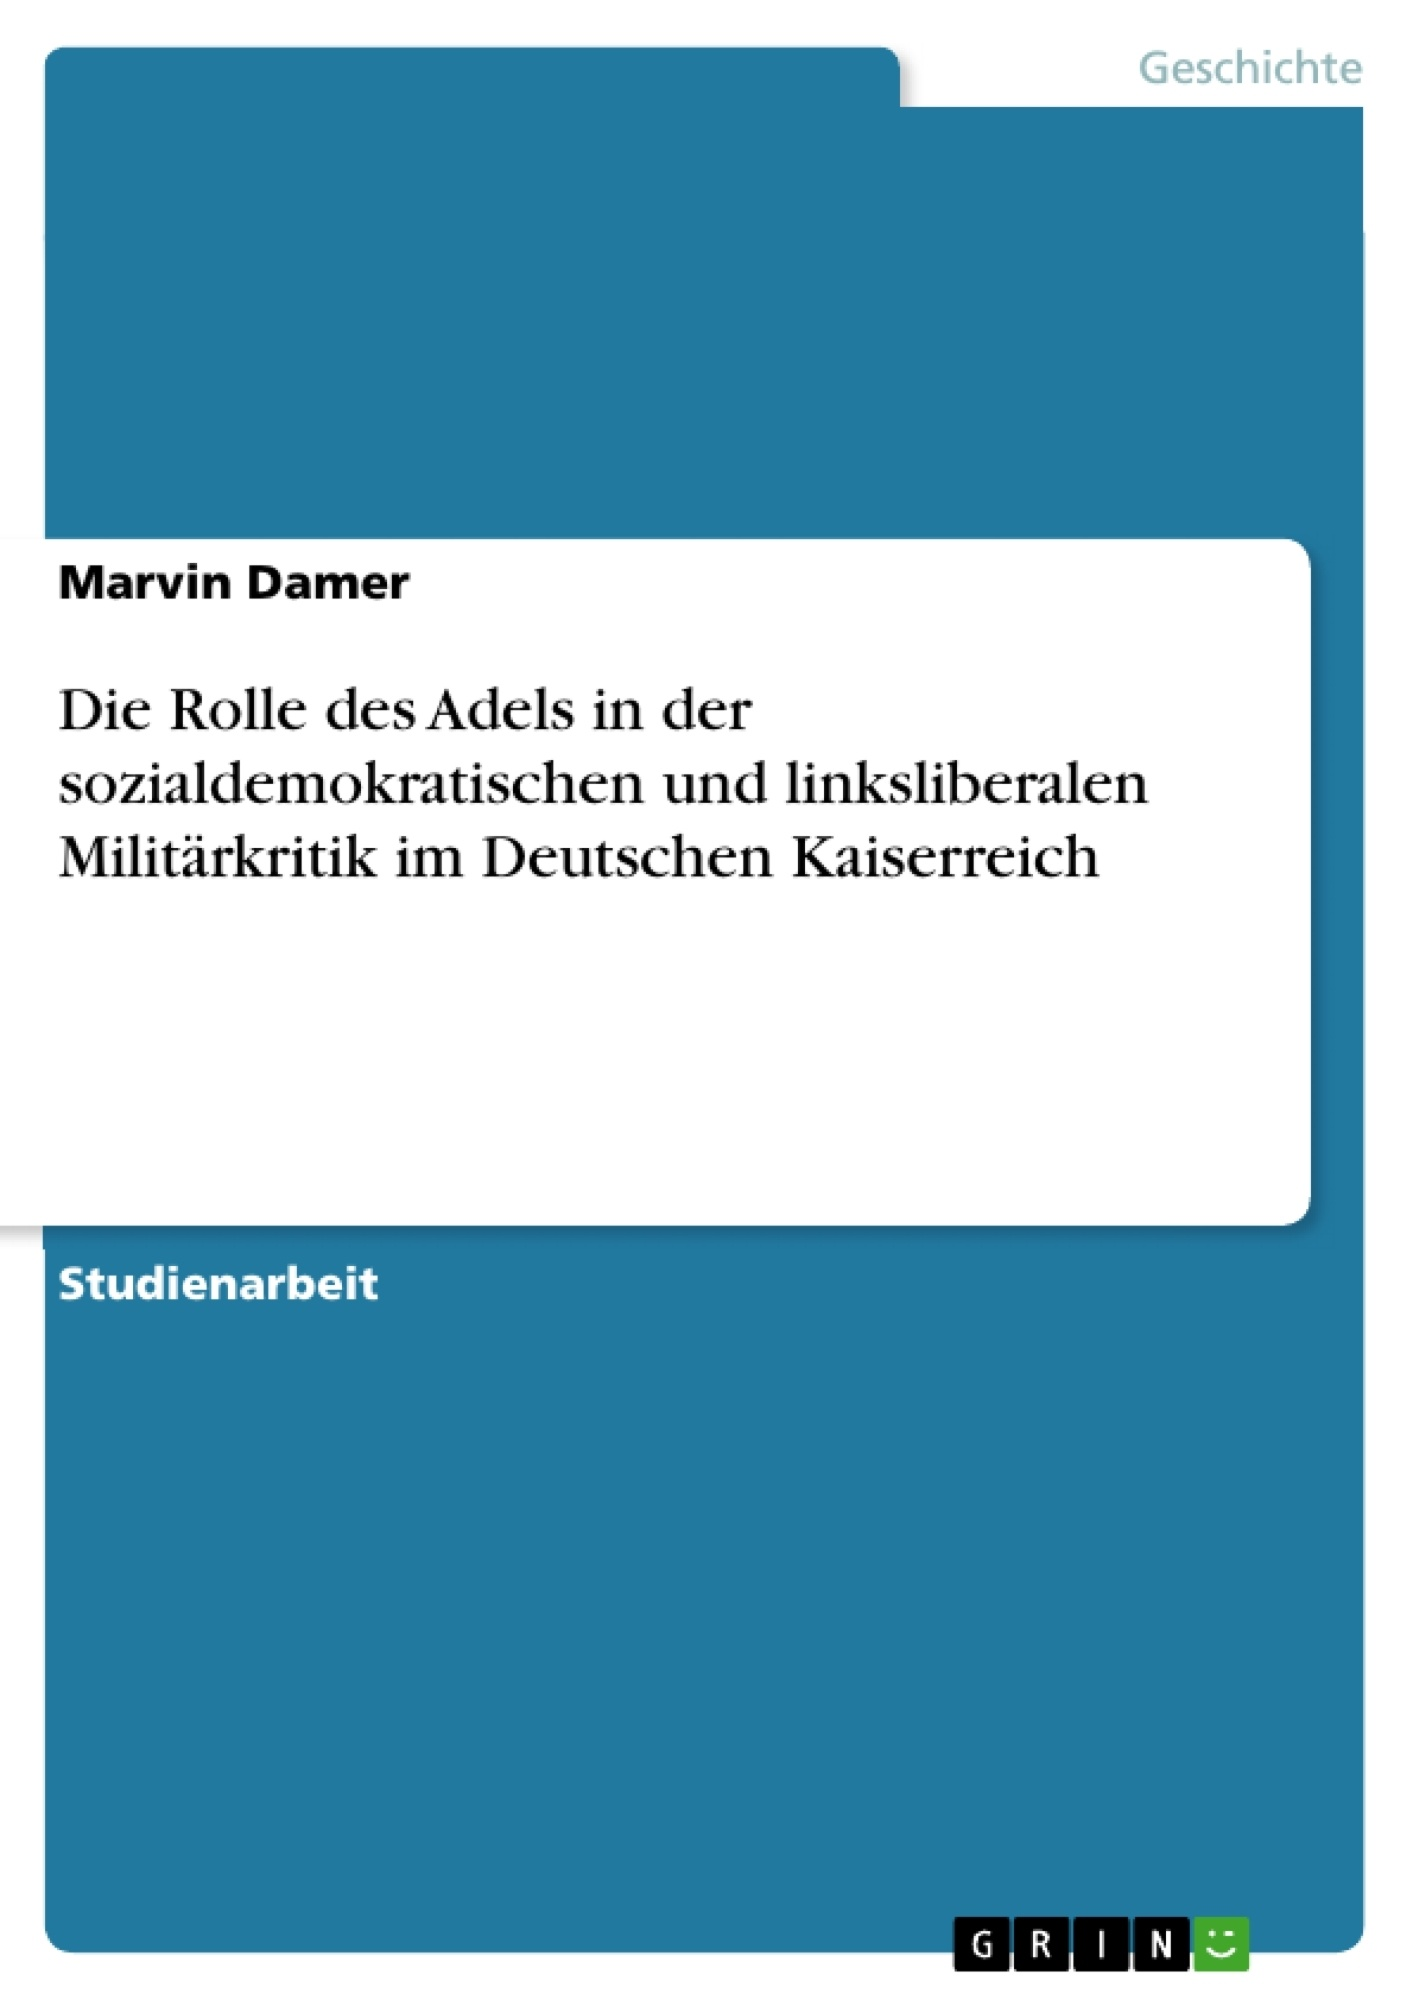 Titel: Die Rolle des Adels in der sozialdemokratischen und linksliberalen Militärkritik im Deutschen Kaiserreich